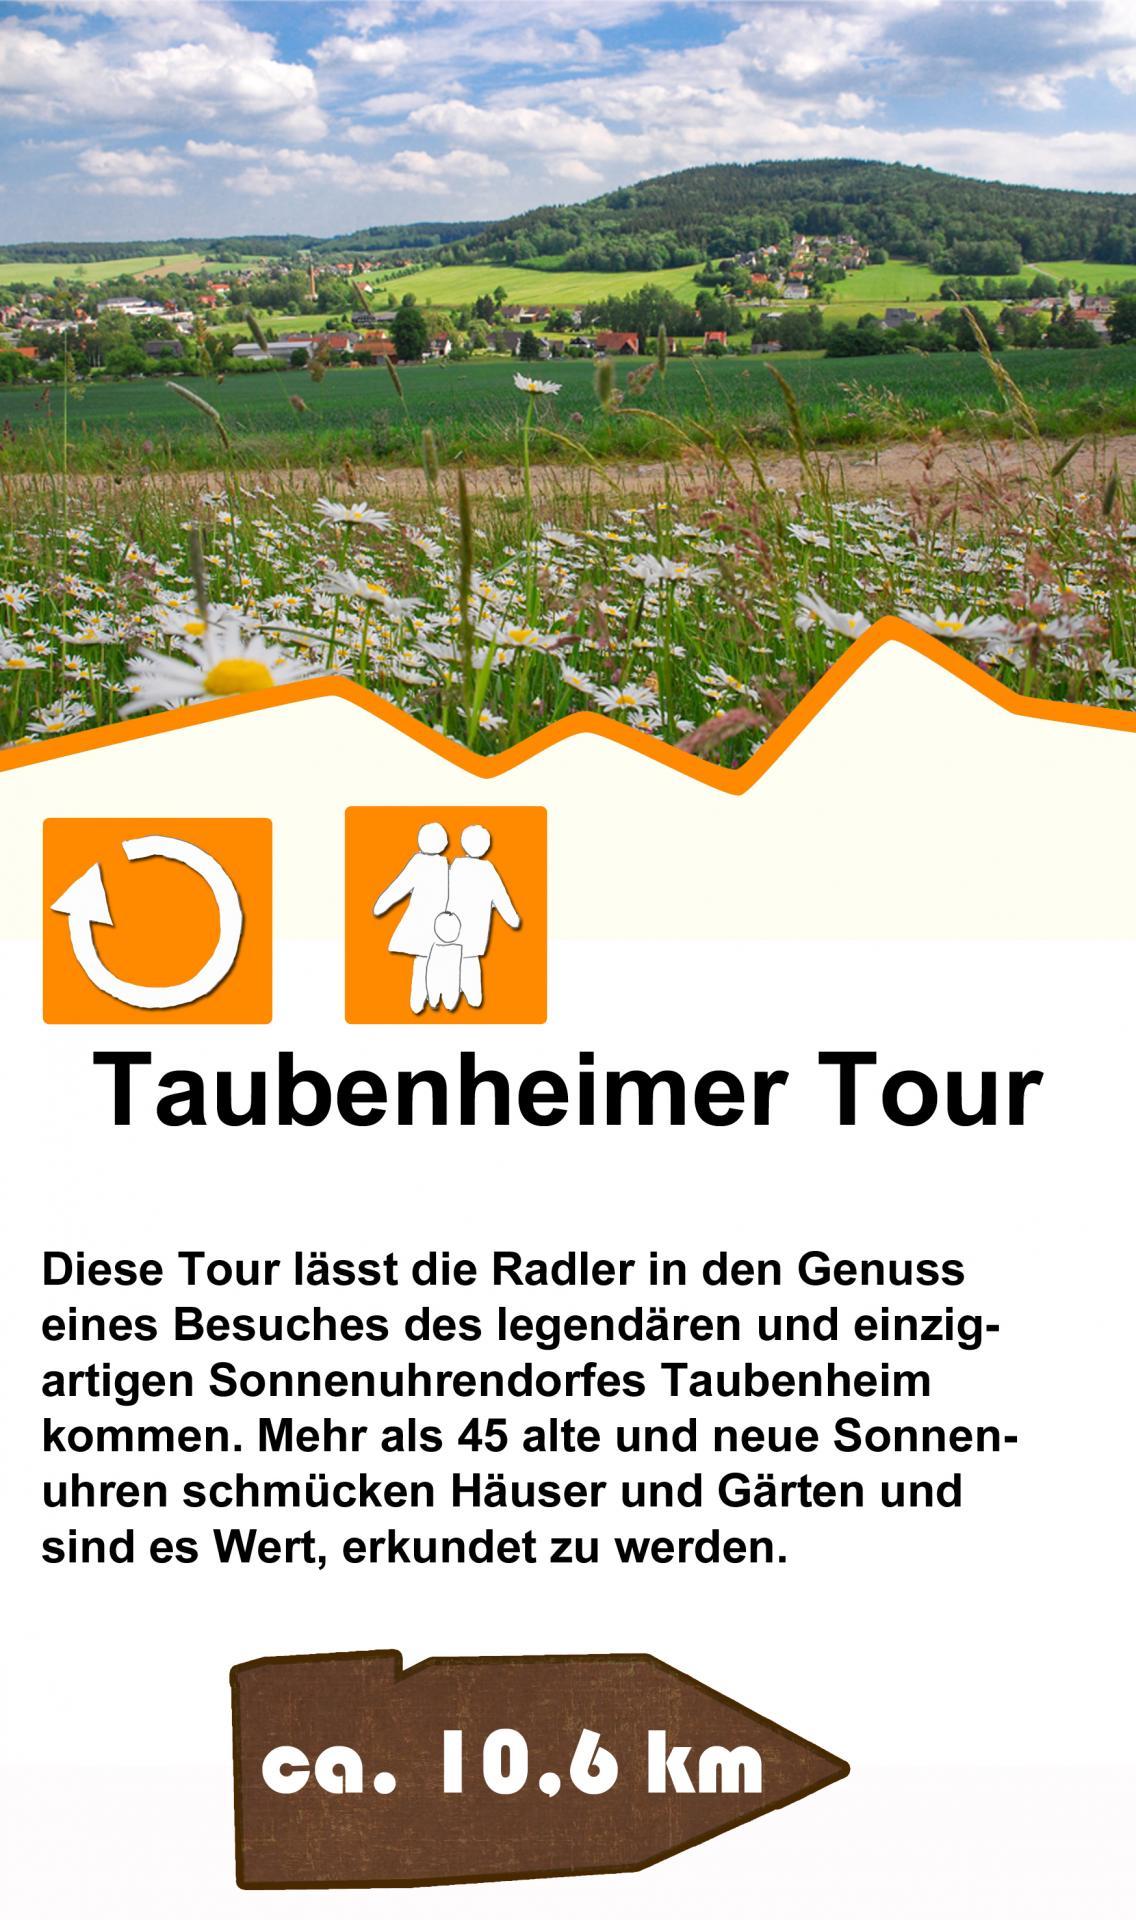 Taubenheimer Tour